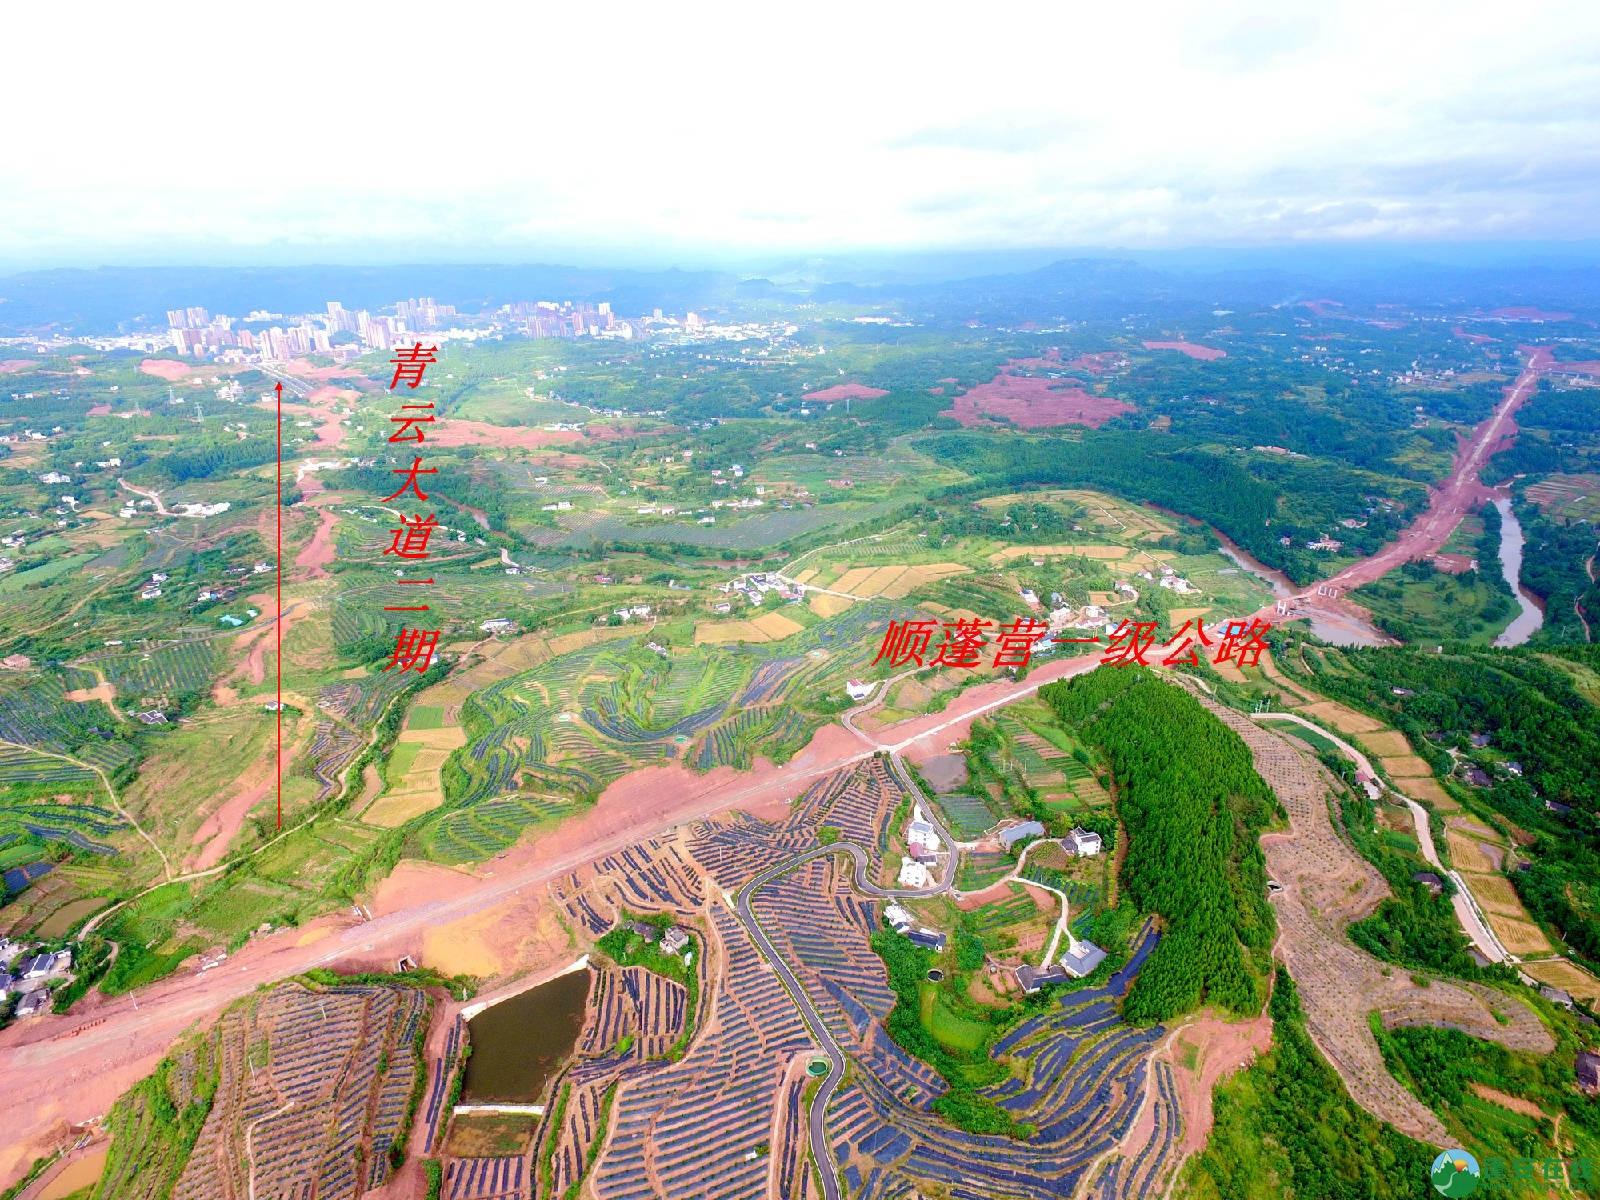 顺蓬营一级公路蓬安段、青云大道二期道路最新进展(2019.8.29) - 第11张  | 蓬安在线